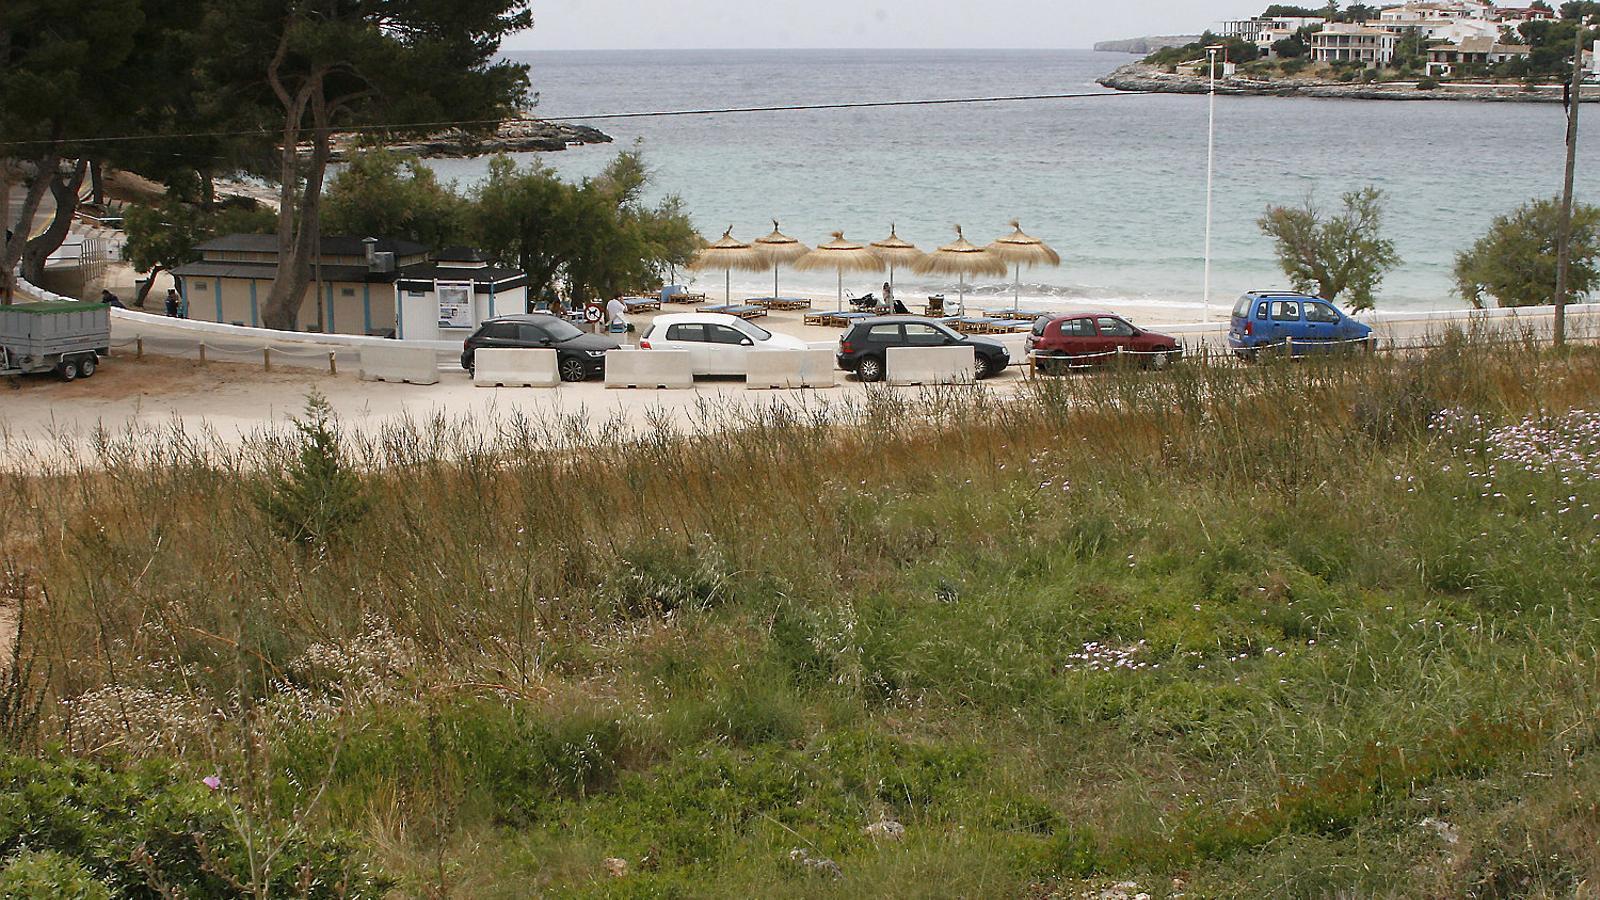 Vista parcial de la finca de 8.600 m2 classificada com a zona verda pública, només separada de la platja de l'Arenal per la carretera de la urbanització la Punta.